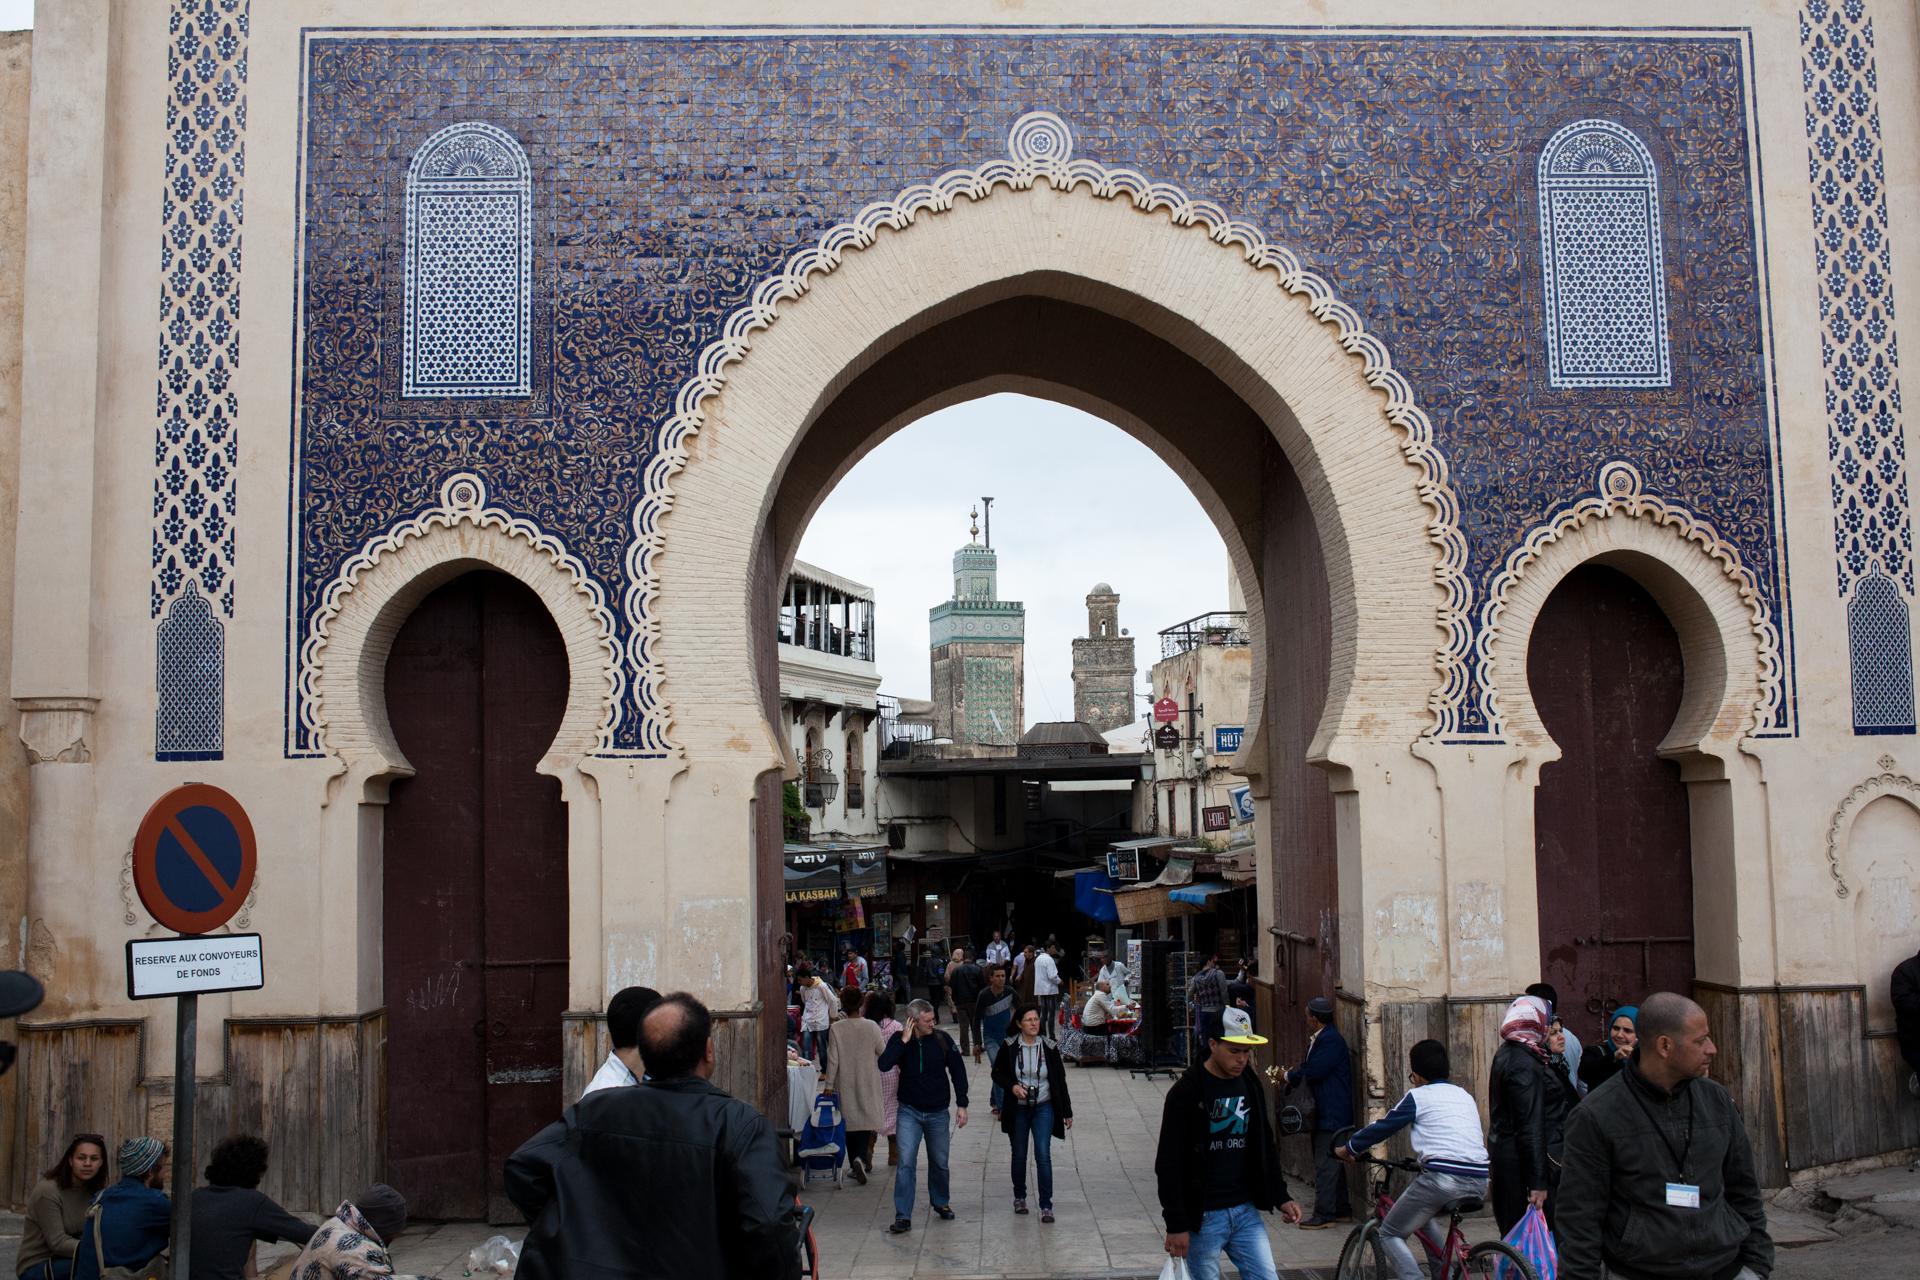 The entrance to the medina